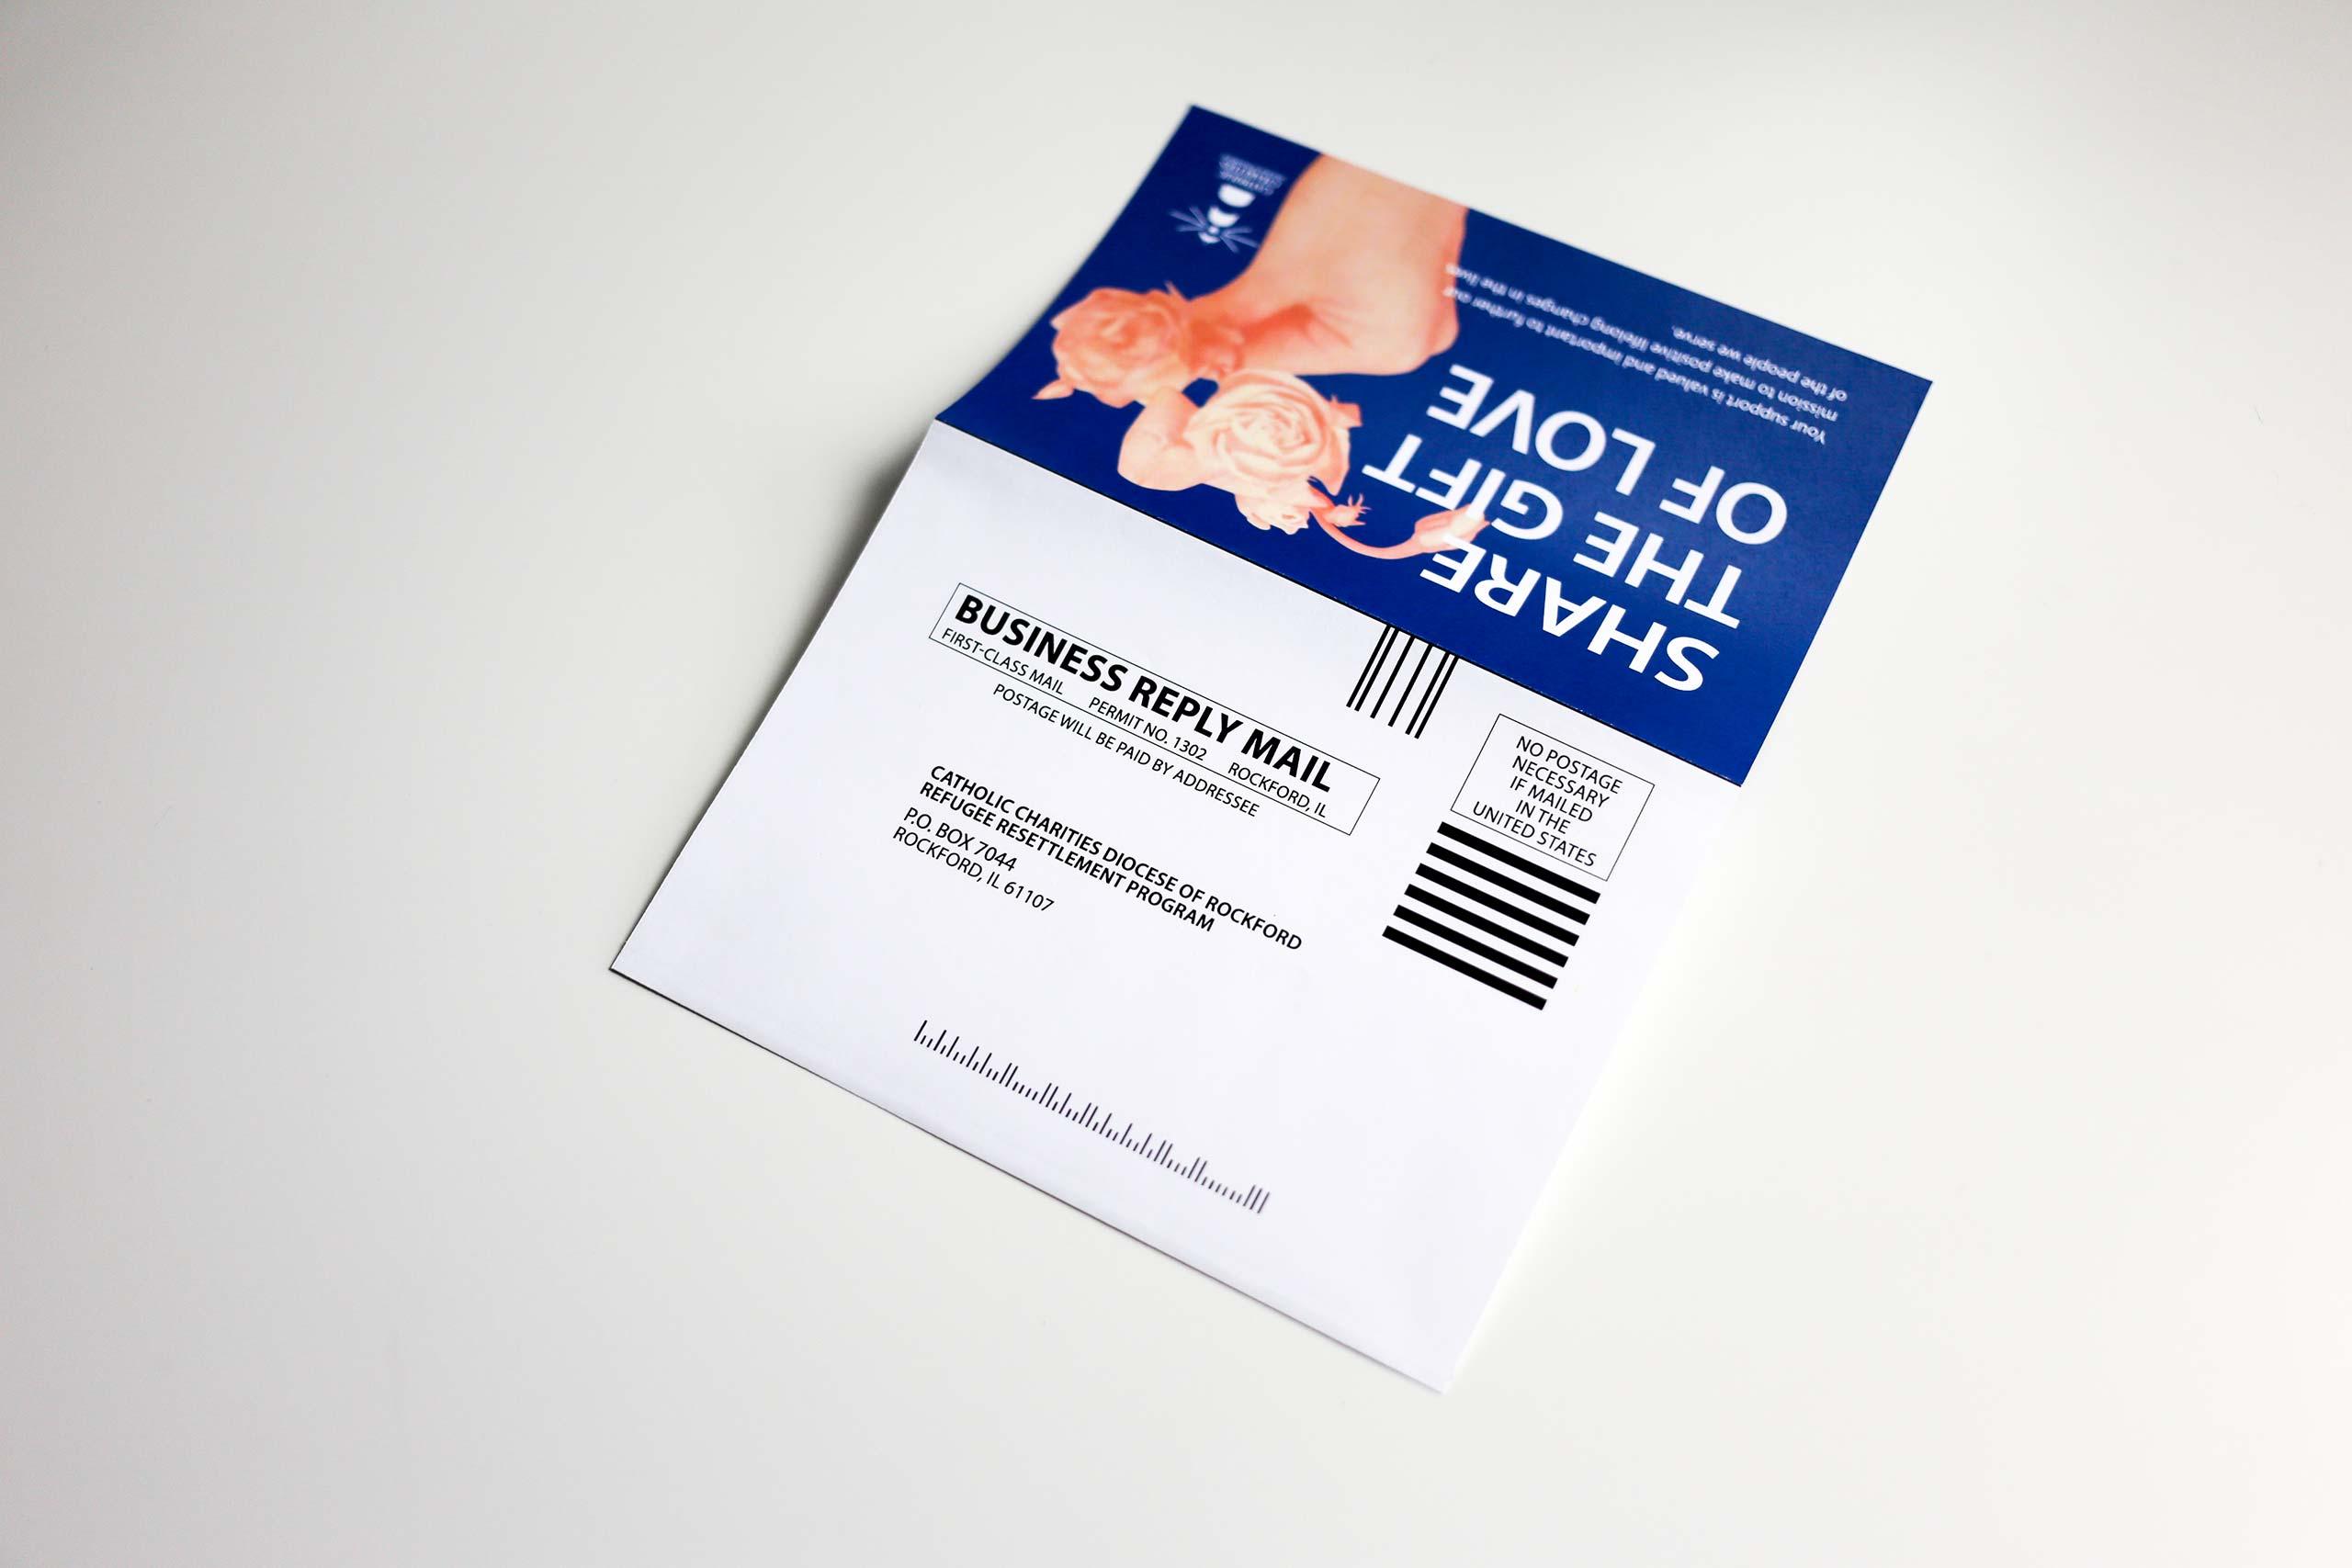 non-profit organization donations envelop